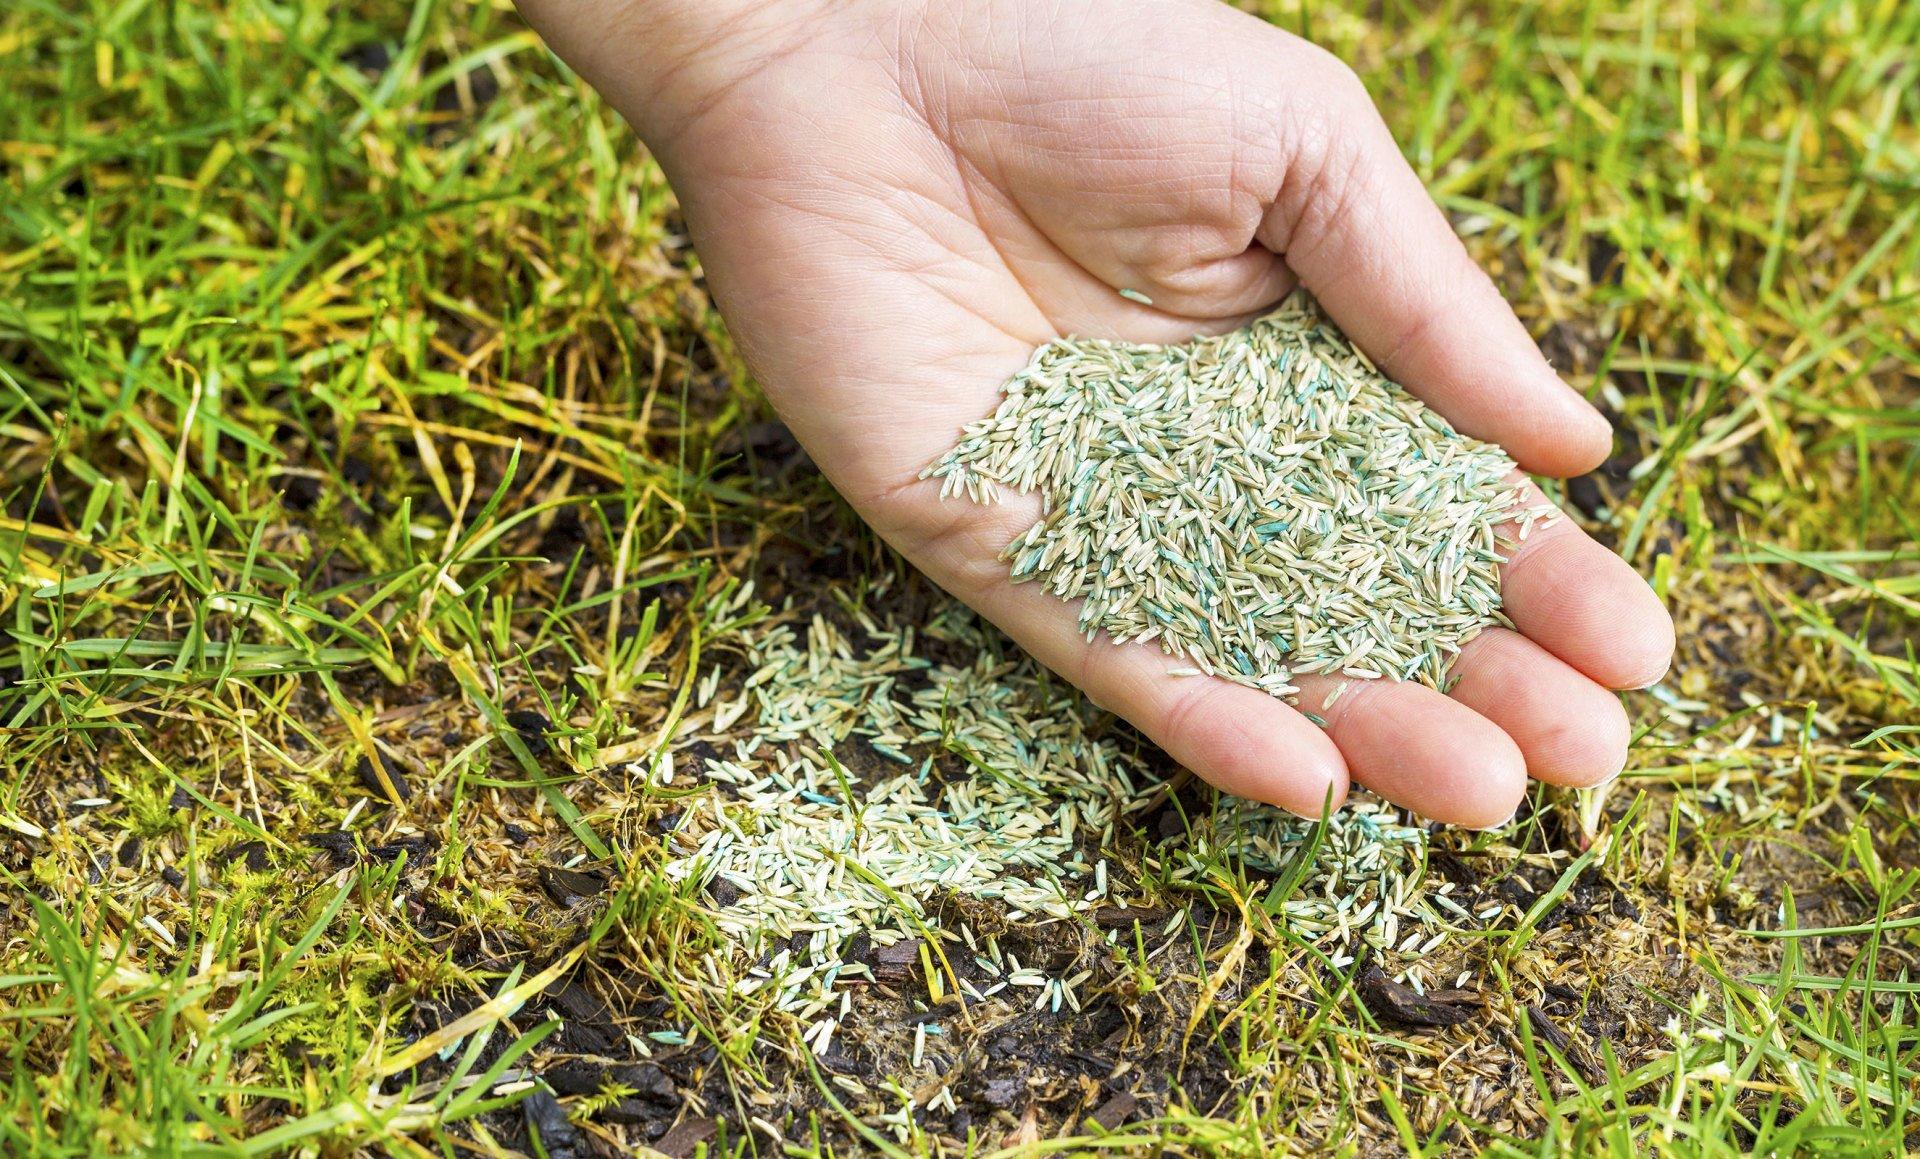 Семена травы, смешанные с удобрениями. Для более равномерного ручного посева в процессе смешивайте семена с песком